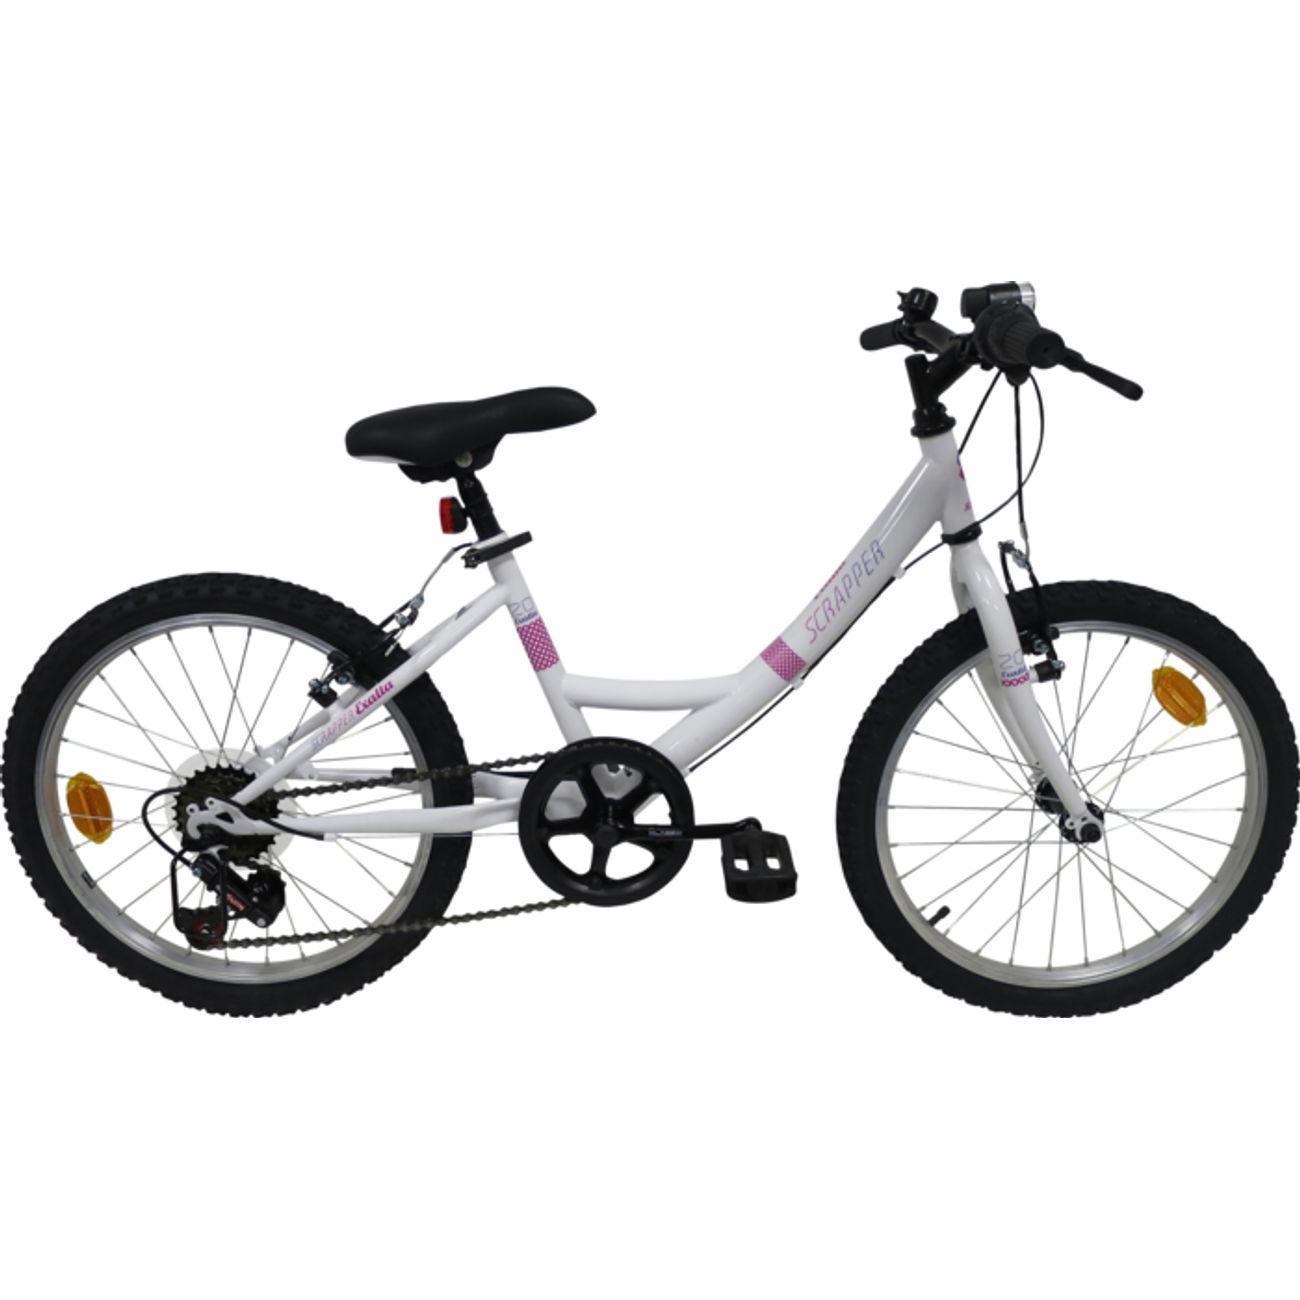 VELO Vélo  SCRAPPER EXALTA 20 1.6 / 7-8 ans